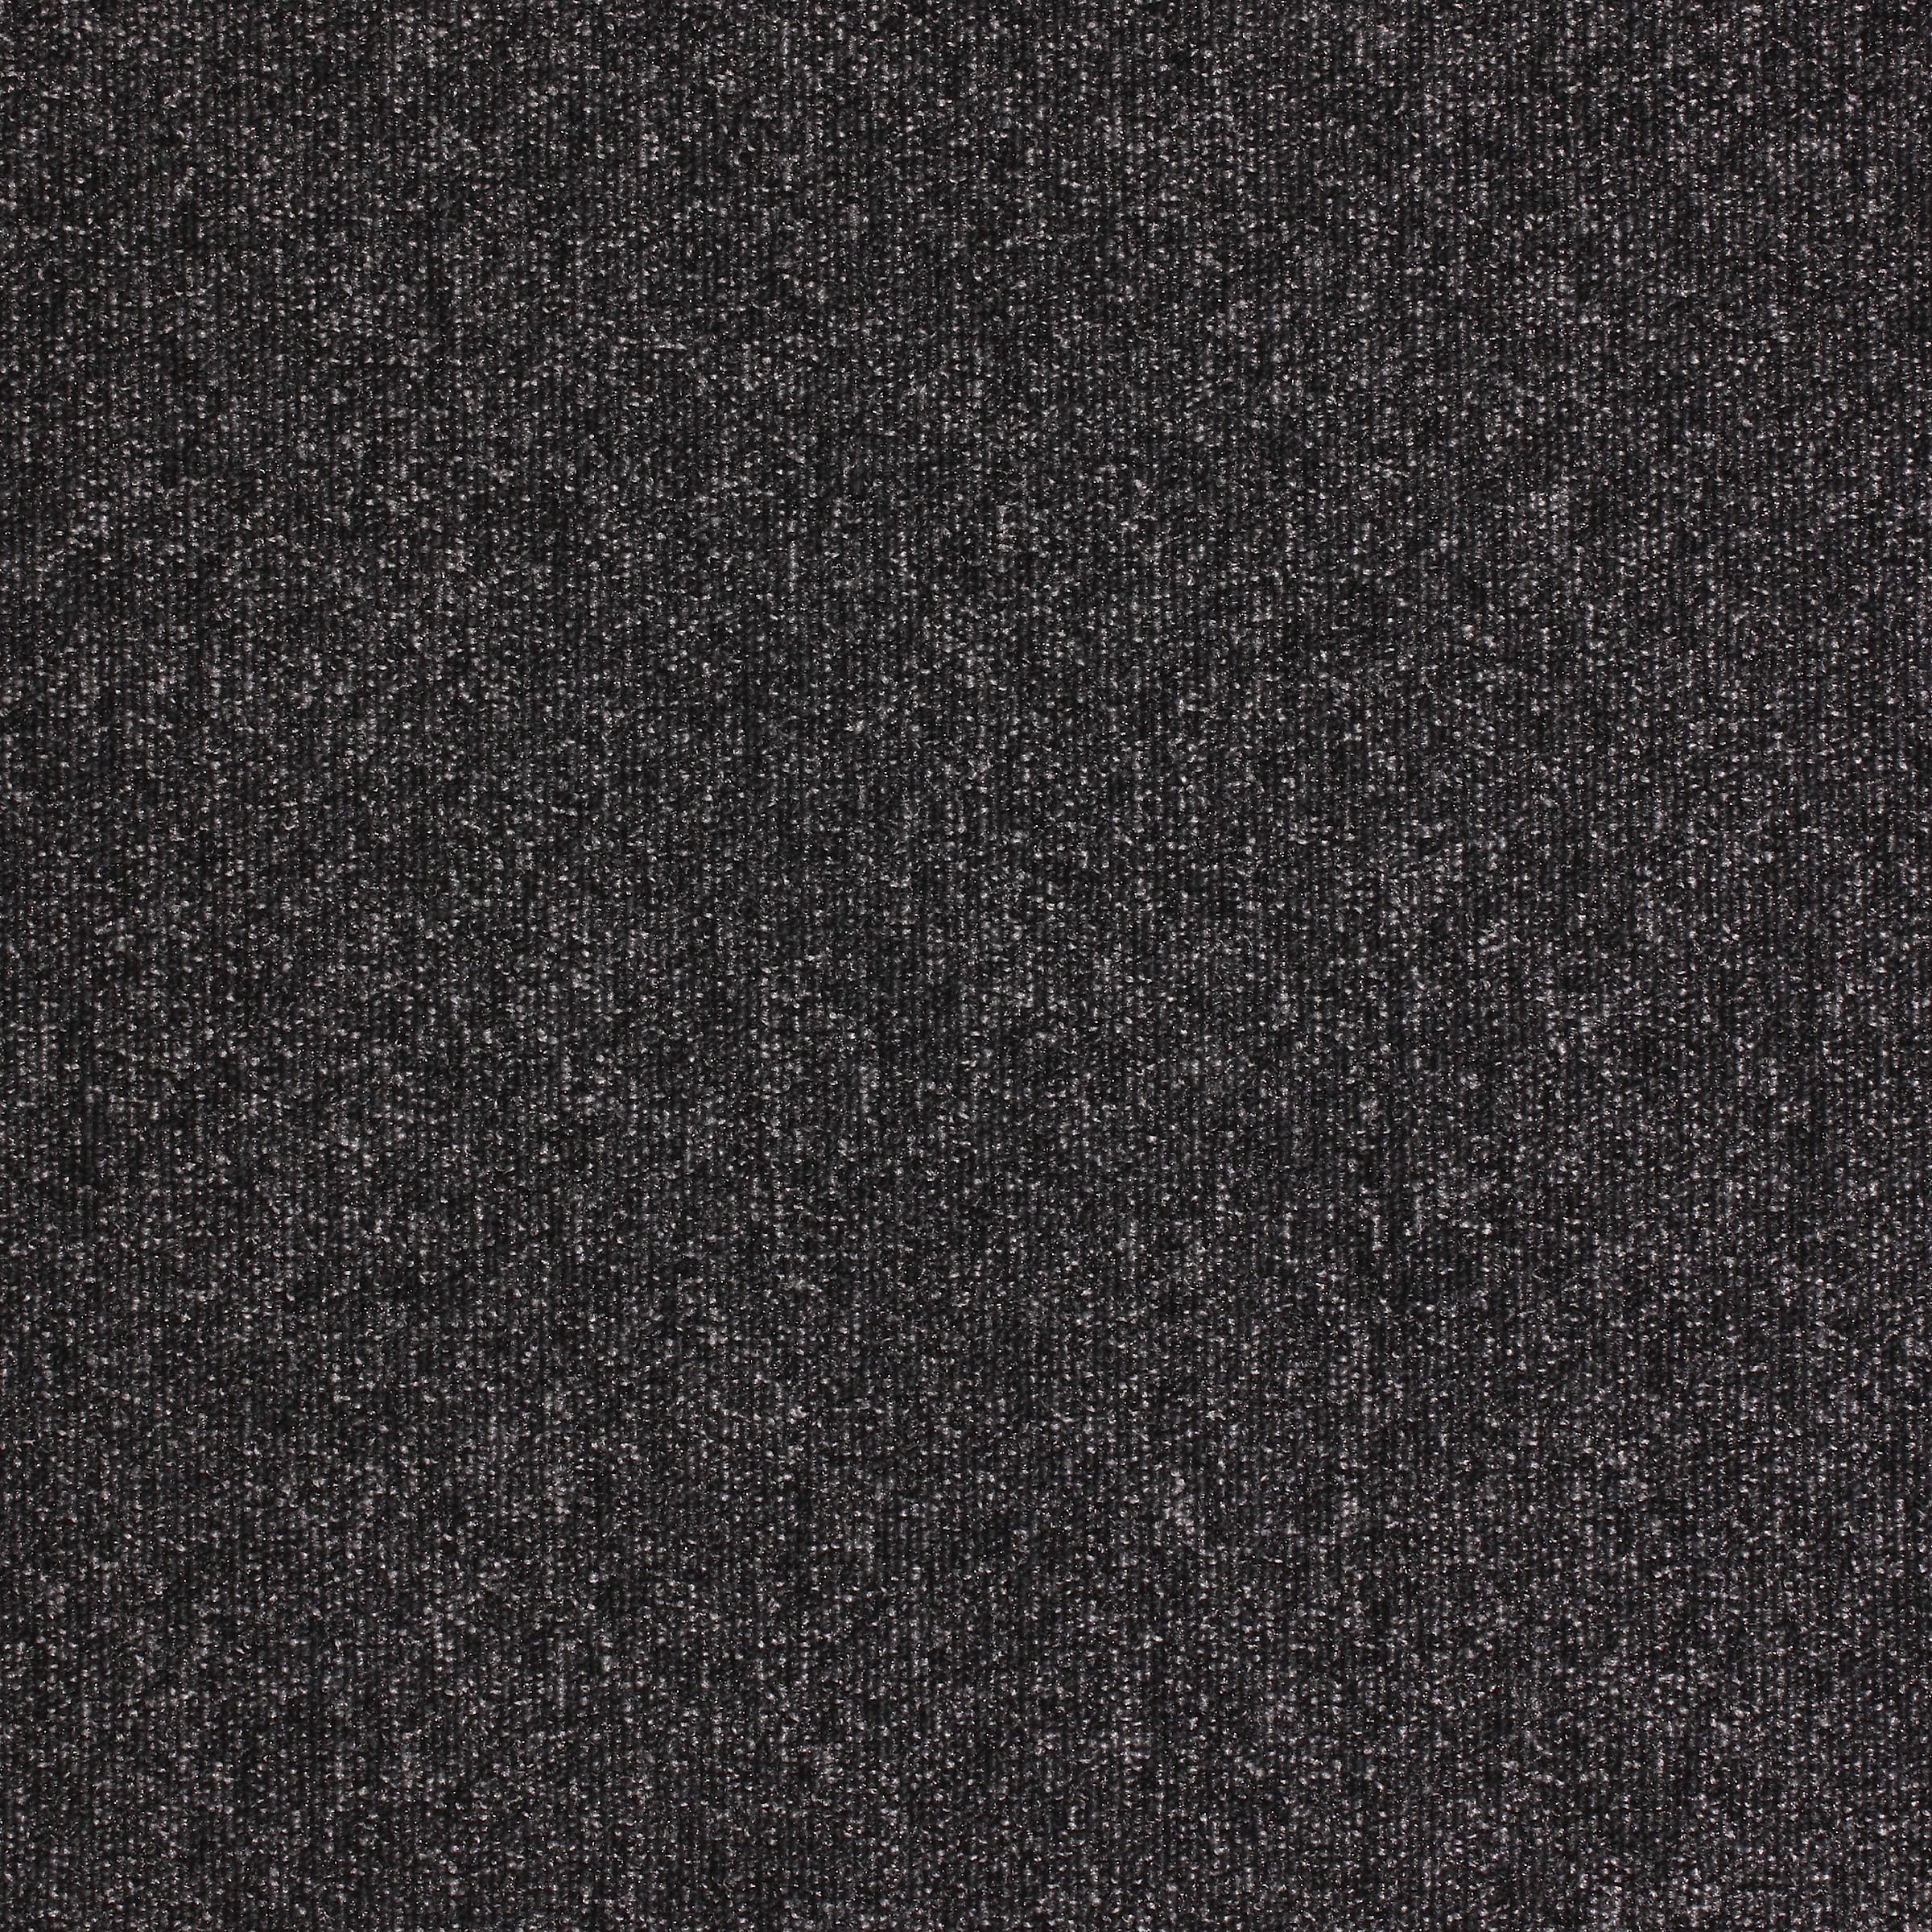 Workspace Loop Charcoal Carpet Tiles Paragon Carpets